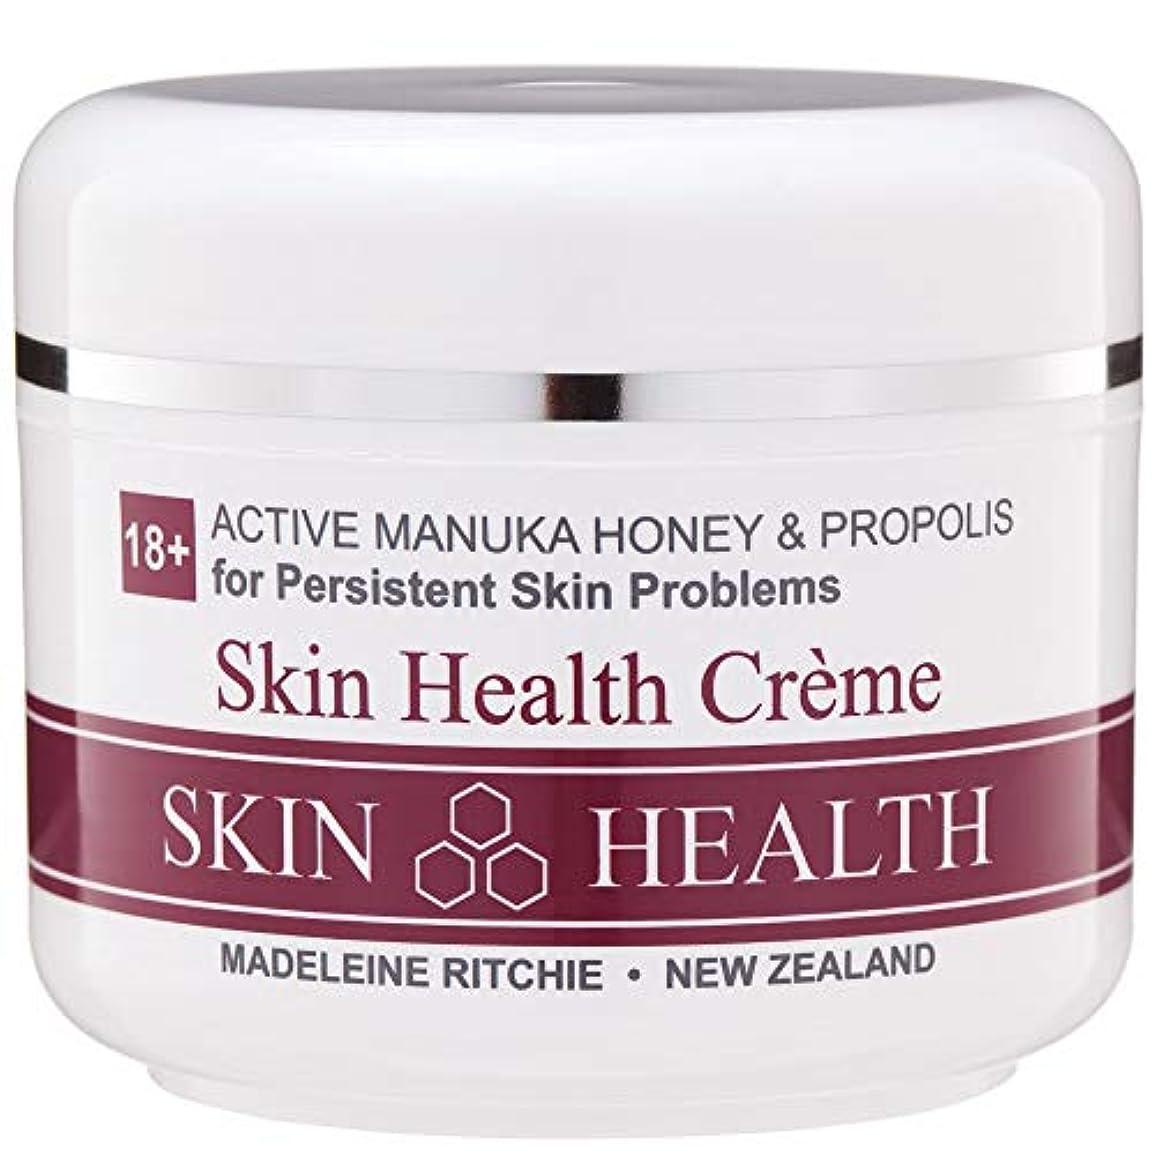 取るに足らない重要クスクスMadeleine Ritchie New Zealand 18+ Active Manuka Honey Skin Health Cream Jar 100ml